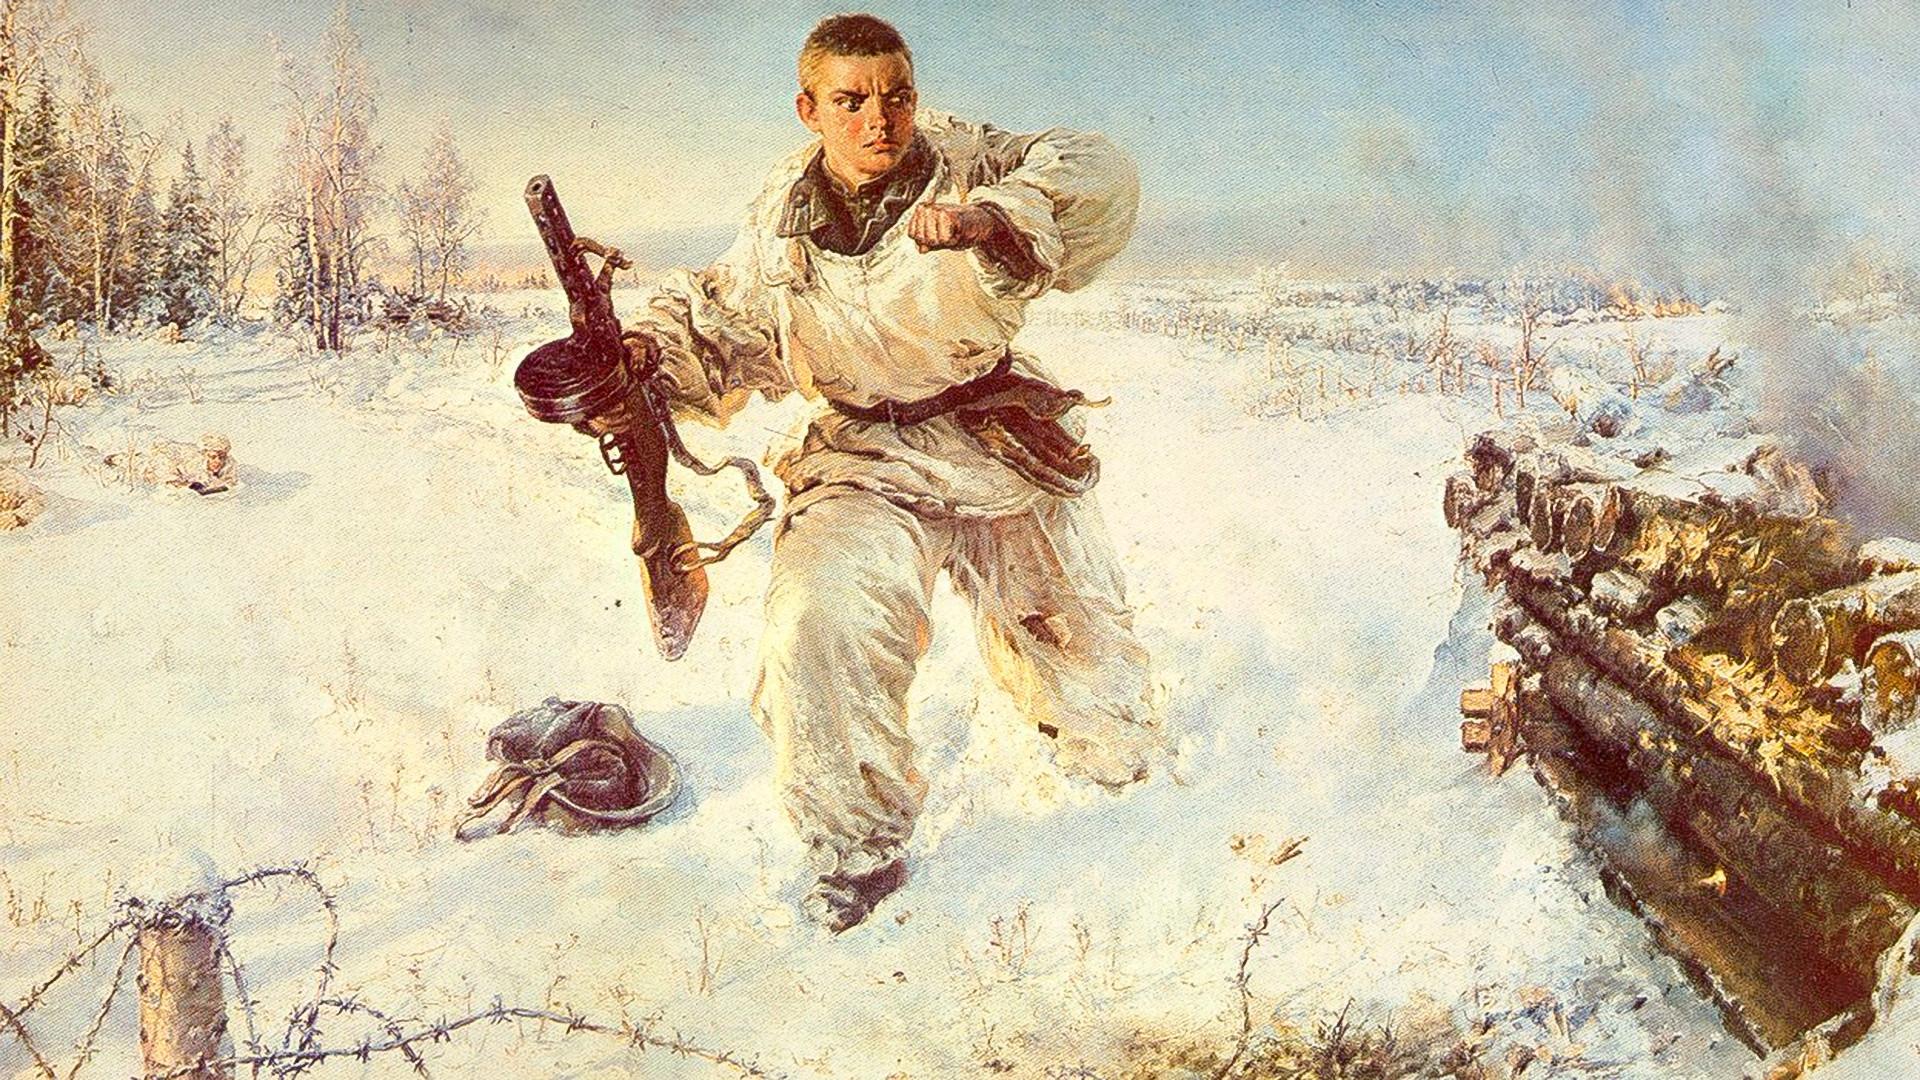 アレクサンドル・マトローソフの英雄的行為。